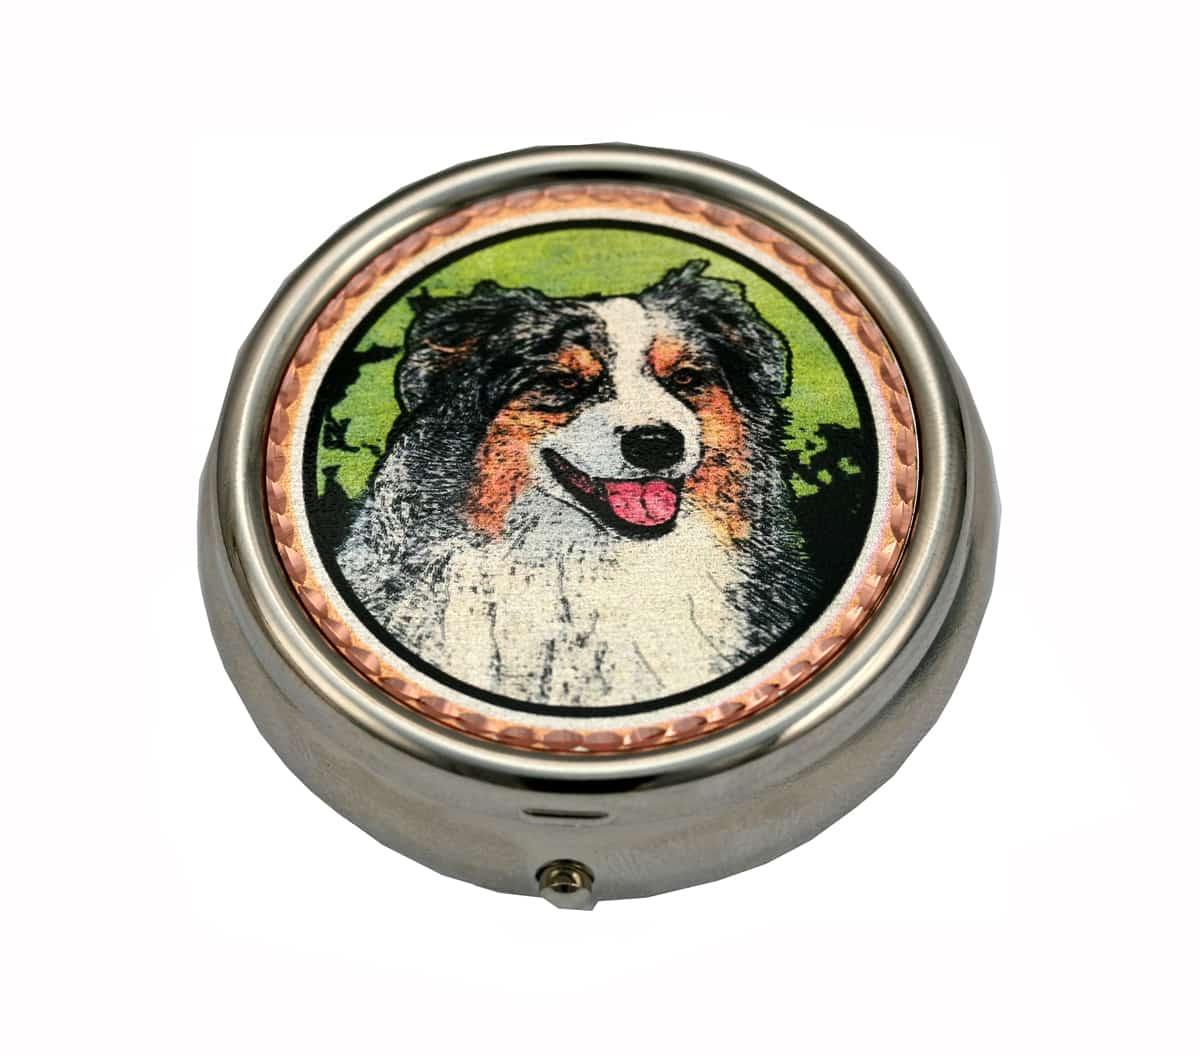 Australian Shepherd Dog Unique Pill Boxes